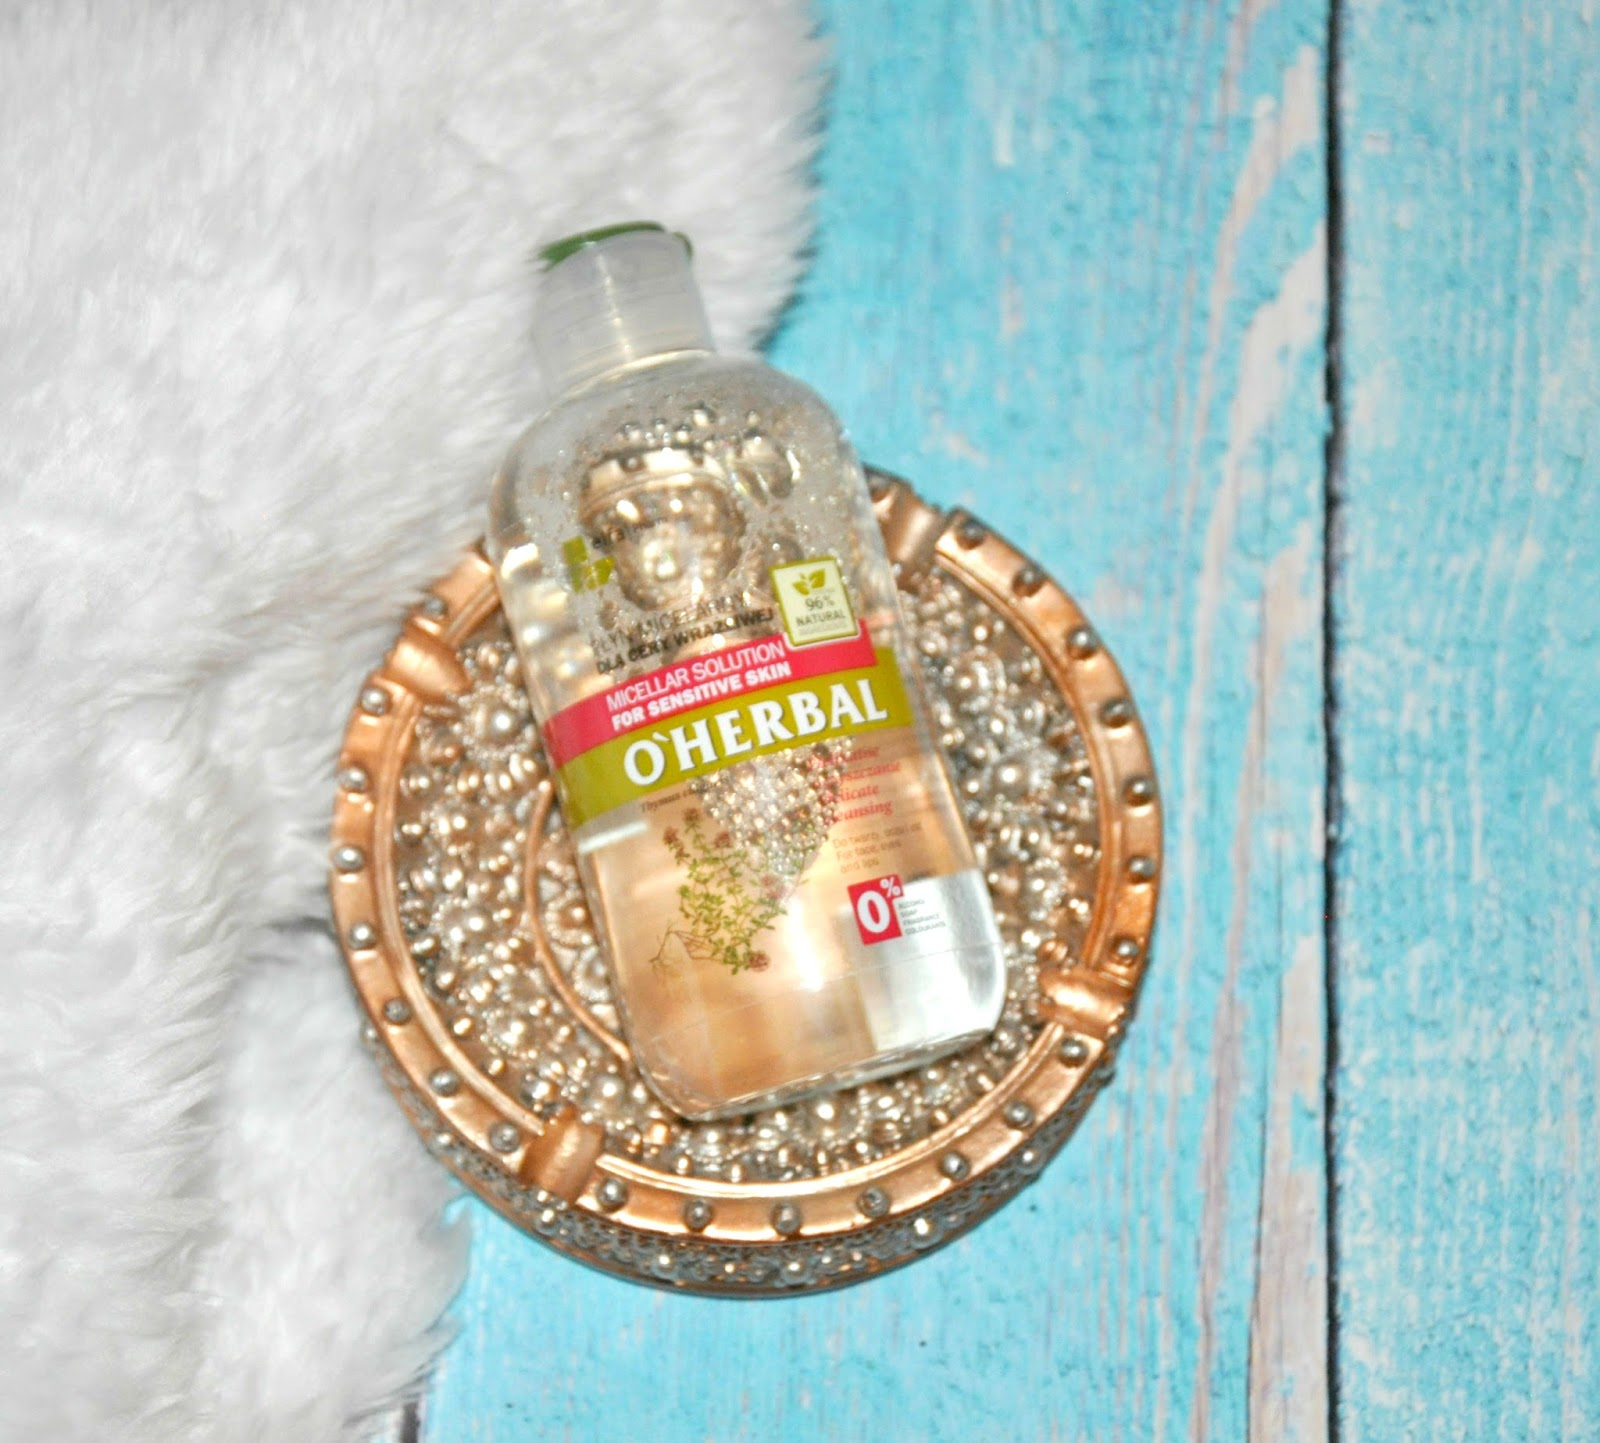 O'Herbal, Płyn micelarny  Delikatnie i łagodnie oczyszcza z zanieczyszczeń oraz makijażu. Nie wysusza skóry, pozostawiając ją nawilżoną. Doskonale usuwa zanieczyszczenia dzięki micelarnej formie, która emulguje brud i utrzymuje skórę w równowadze. Nadaje skórze świeżość i elastyczność. Nie zawiera alkoholu, mydeł, kompozycji zapachowej oraz barwników. Mix dwóch rodzajów. Produkt pełnowymiarowy - 19,99 zł/250 ml